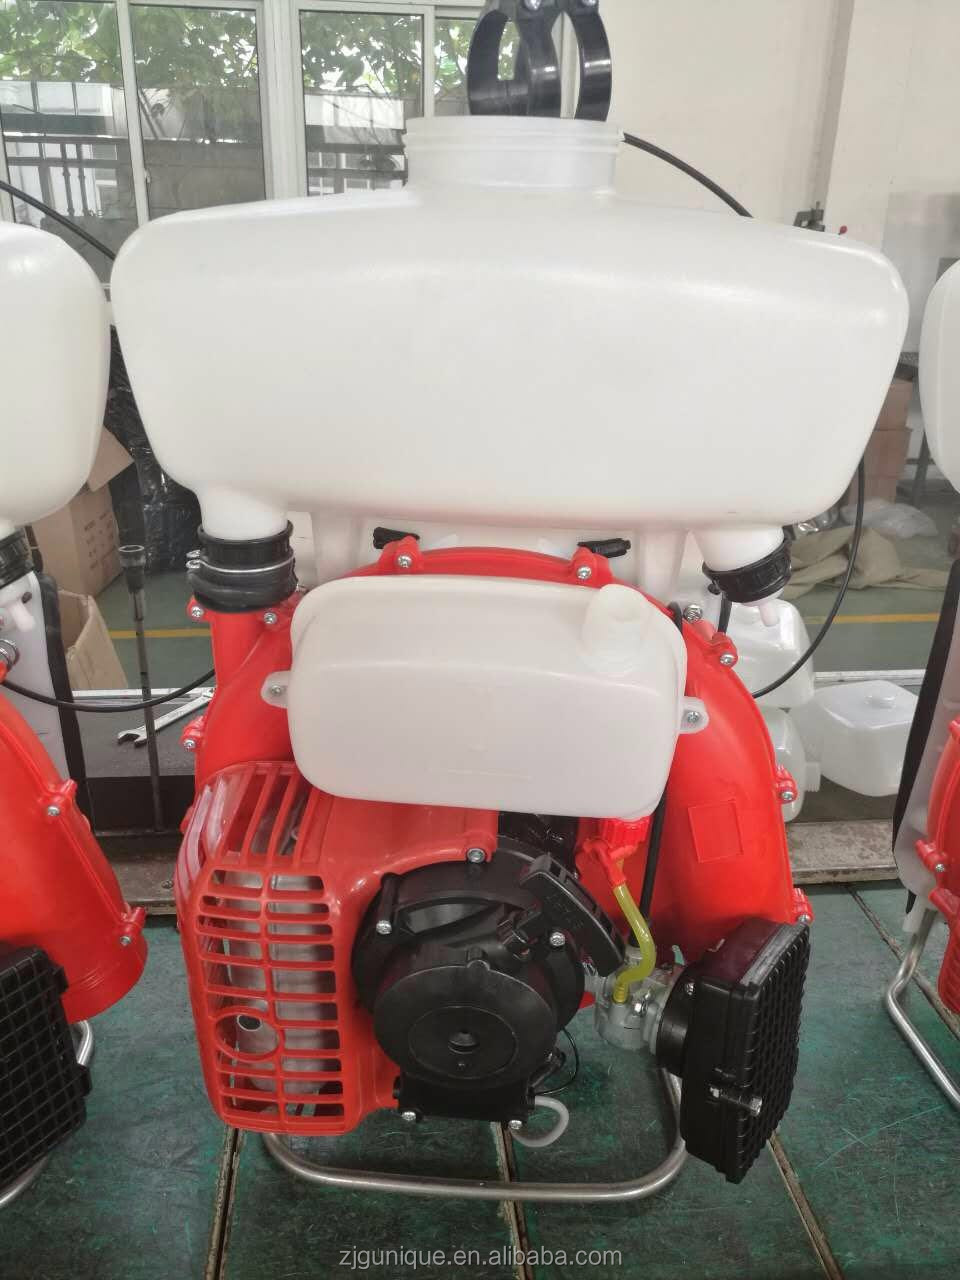 Pülverizatörü ittirme için araçlar